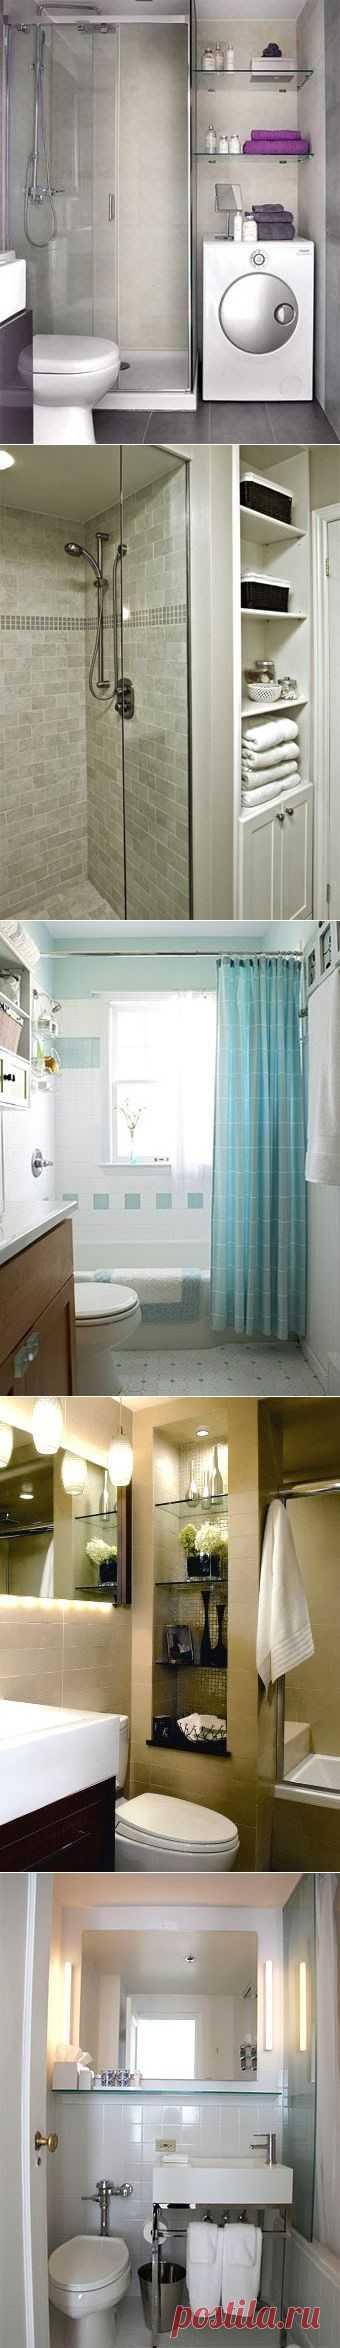 Способы зрительно увеличить ванную комнату | Школа Ремонта